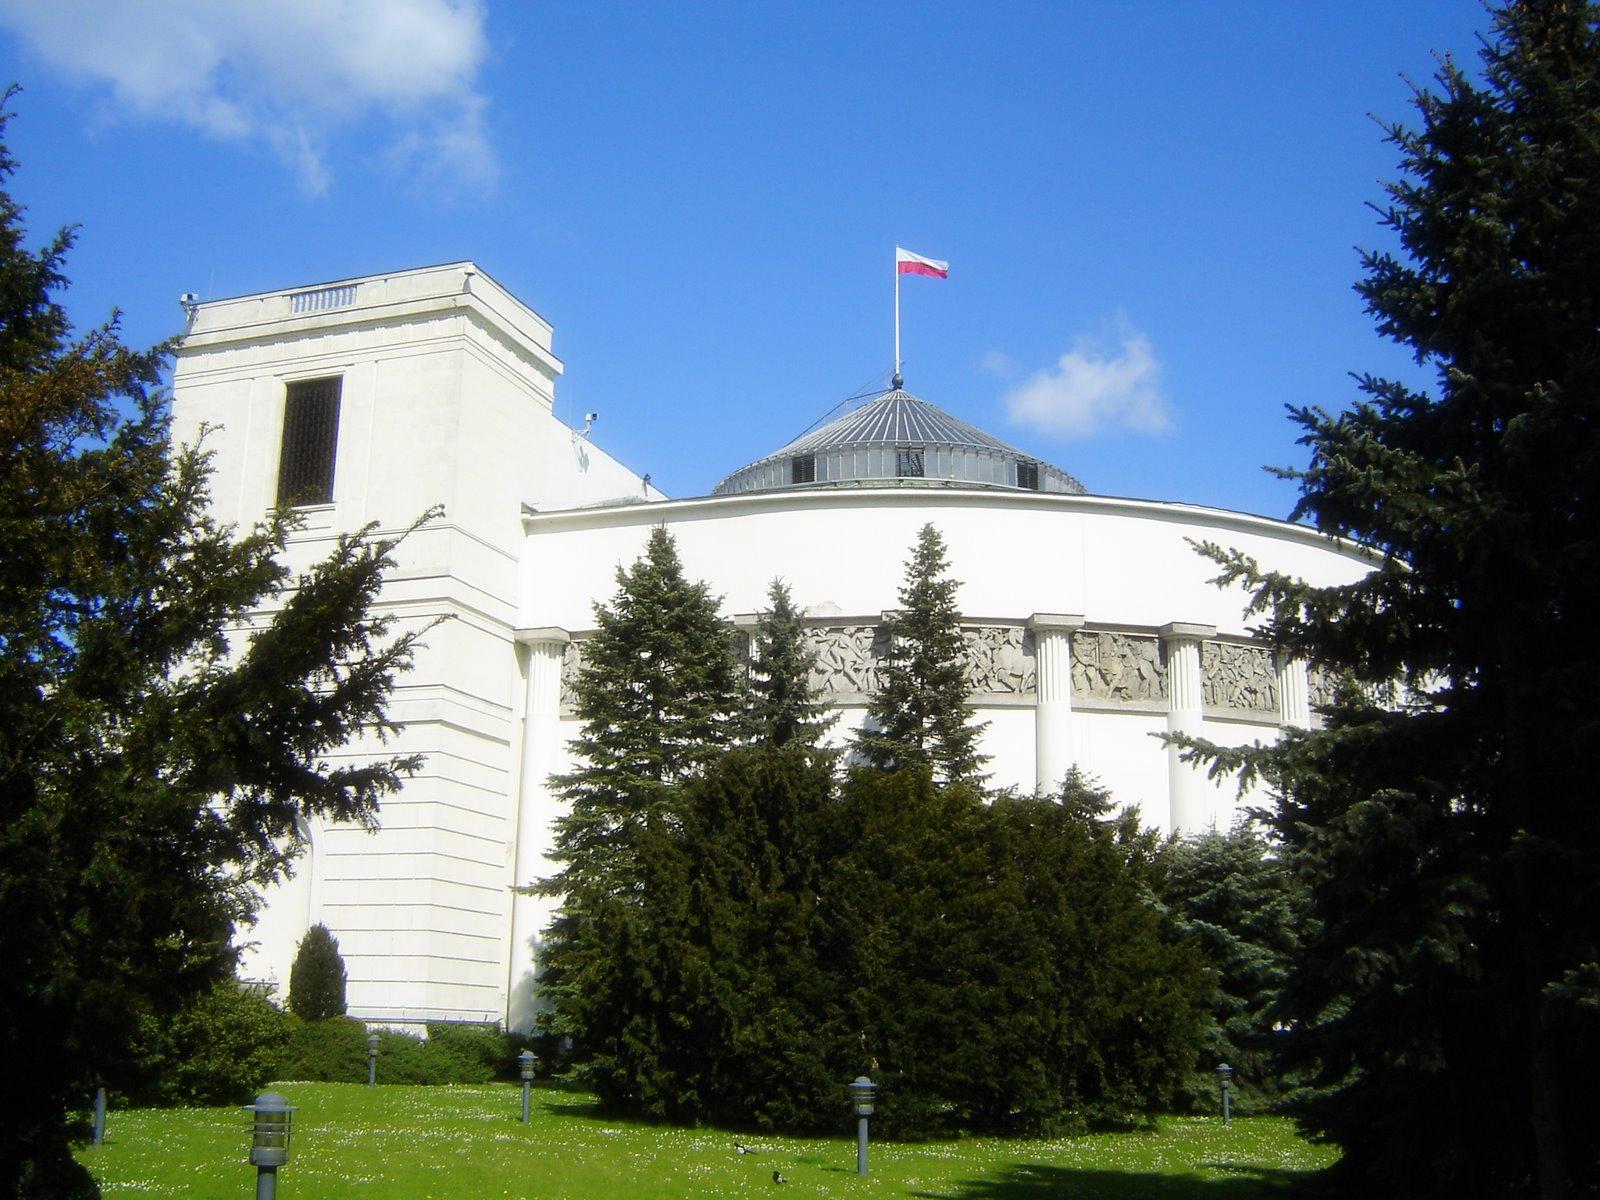 PILNE: Sejm uchwalił podatek bankowy. Przeciw PO i .Nowoczesna